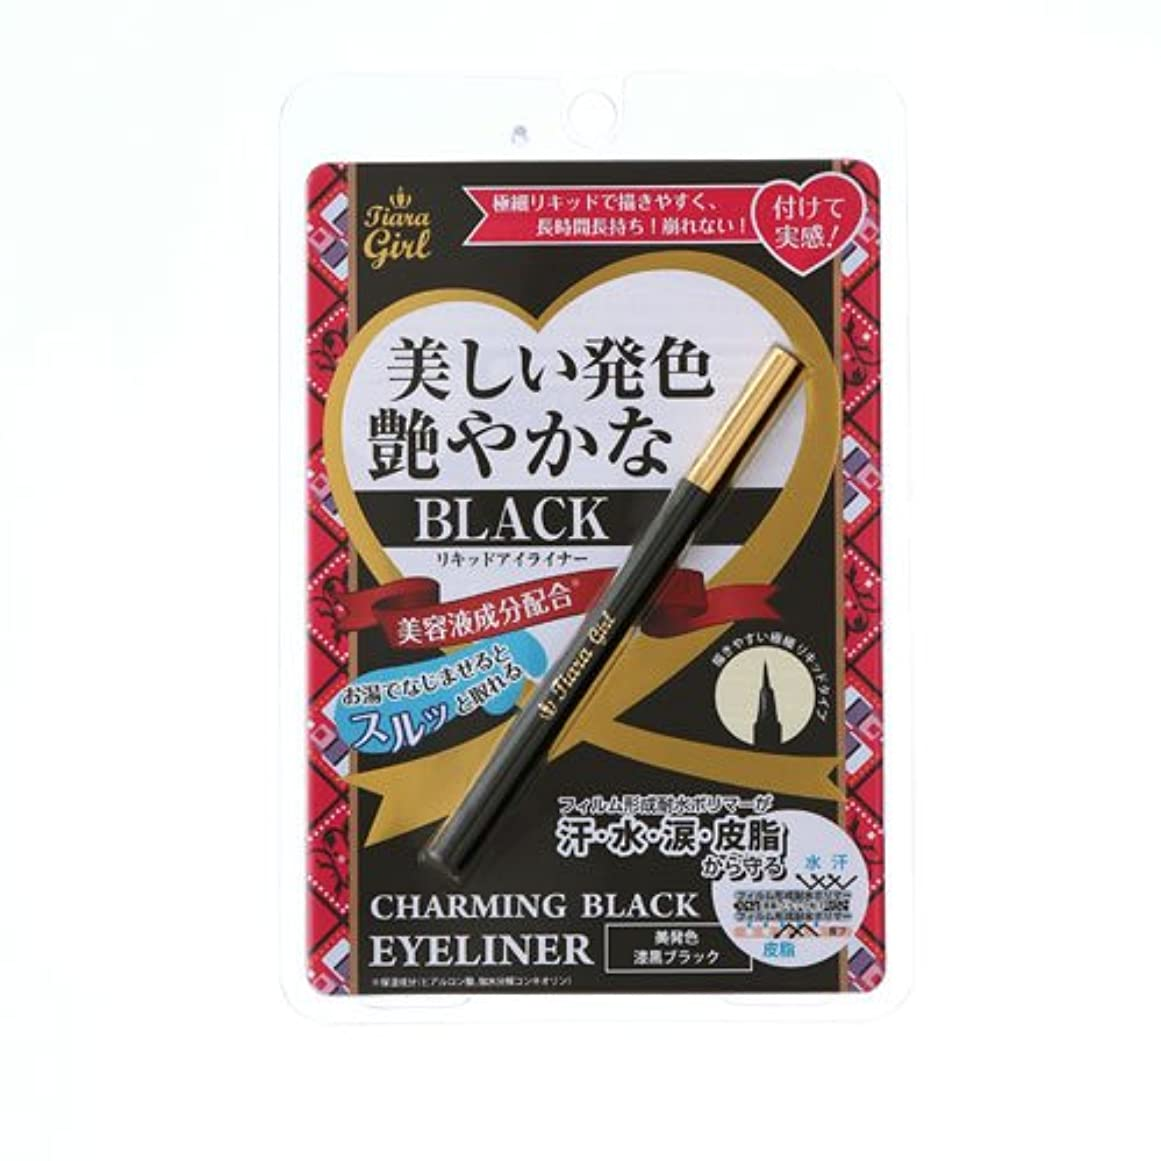 アームストロング鉄ロータリーお得な2本セット 美容液成分配合 ティアラガール チャーミング ブラック アイライナー 0.4g